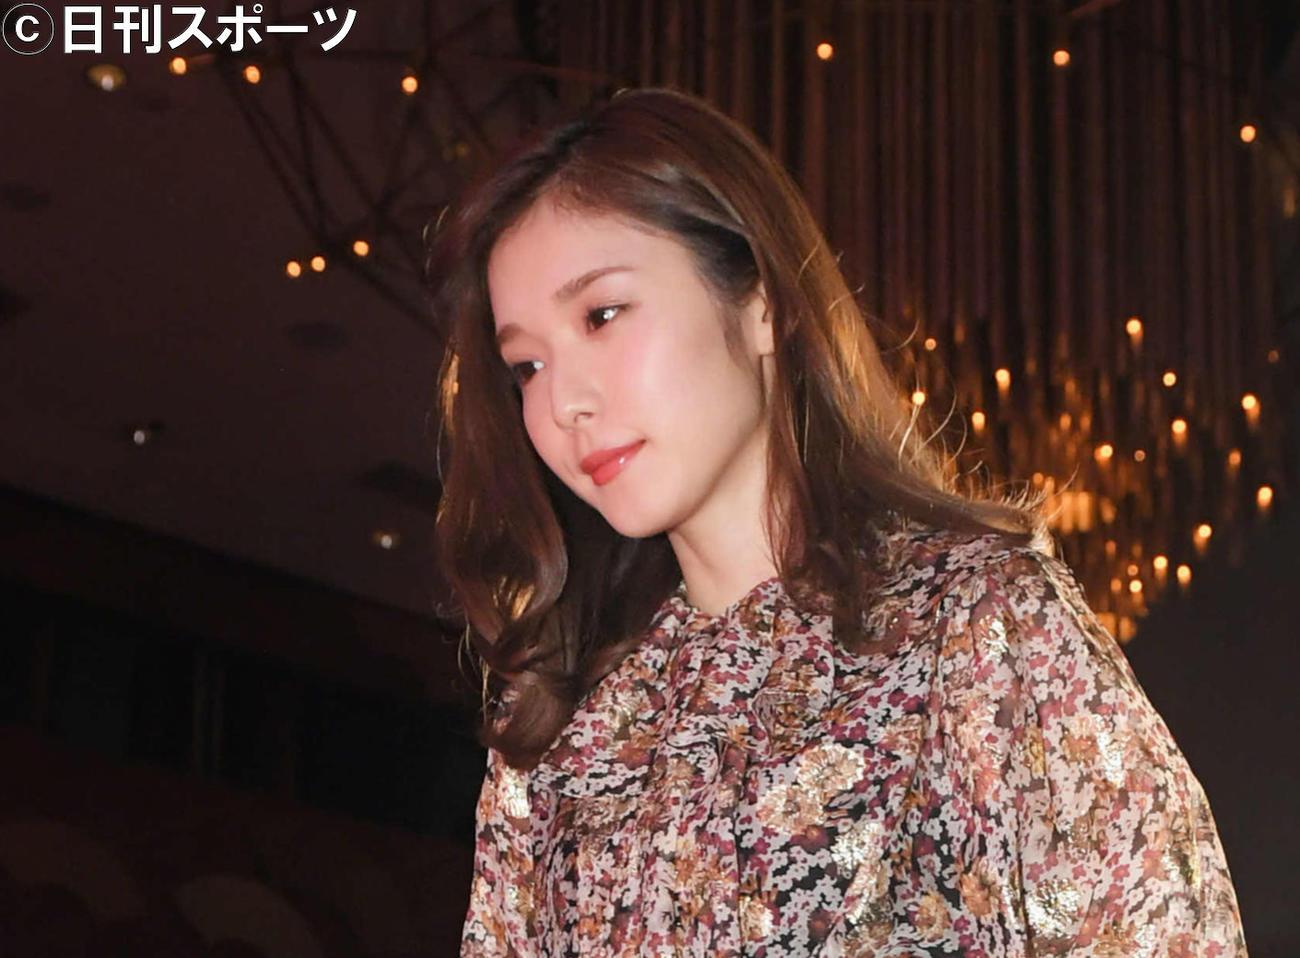 松岡茉優(2019年12月28日撮影)